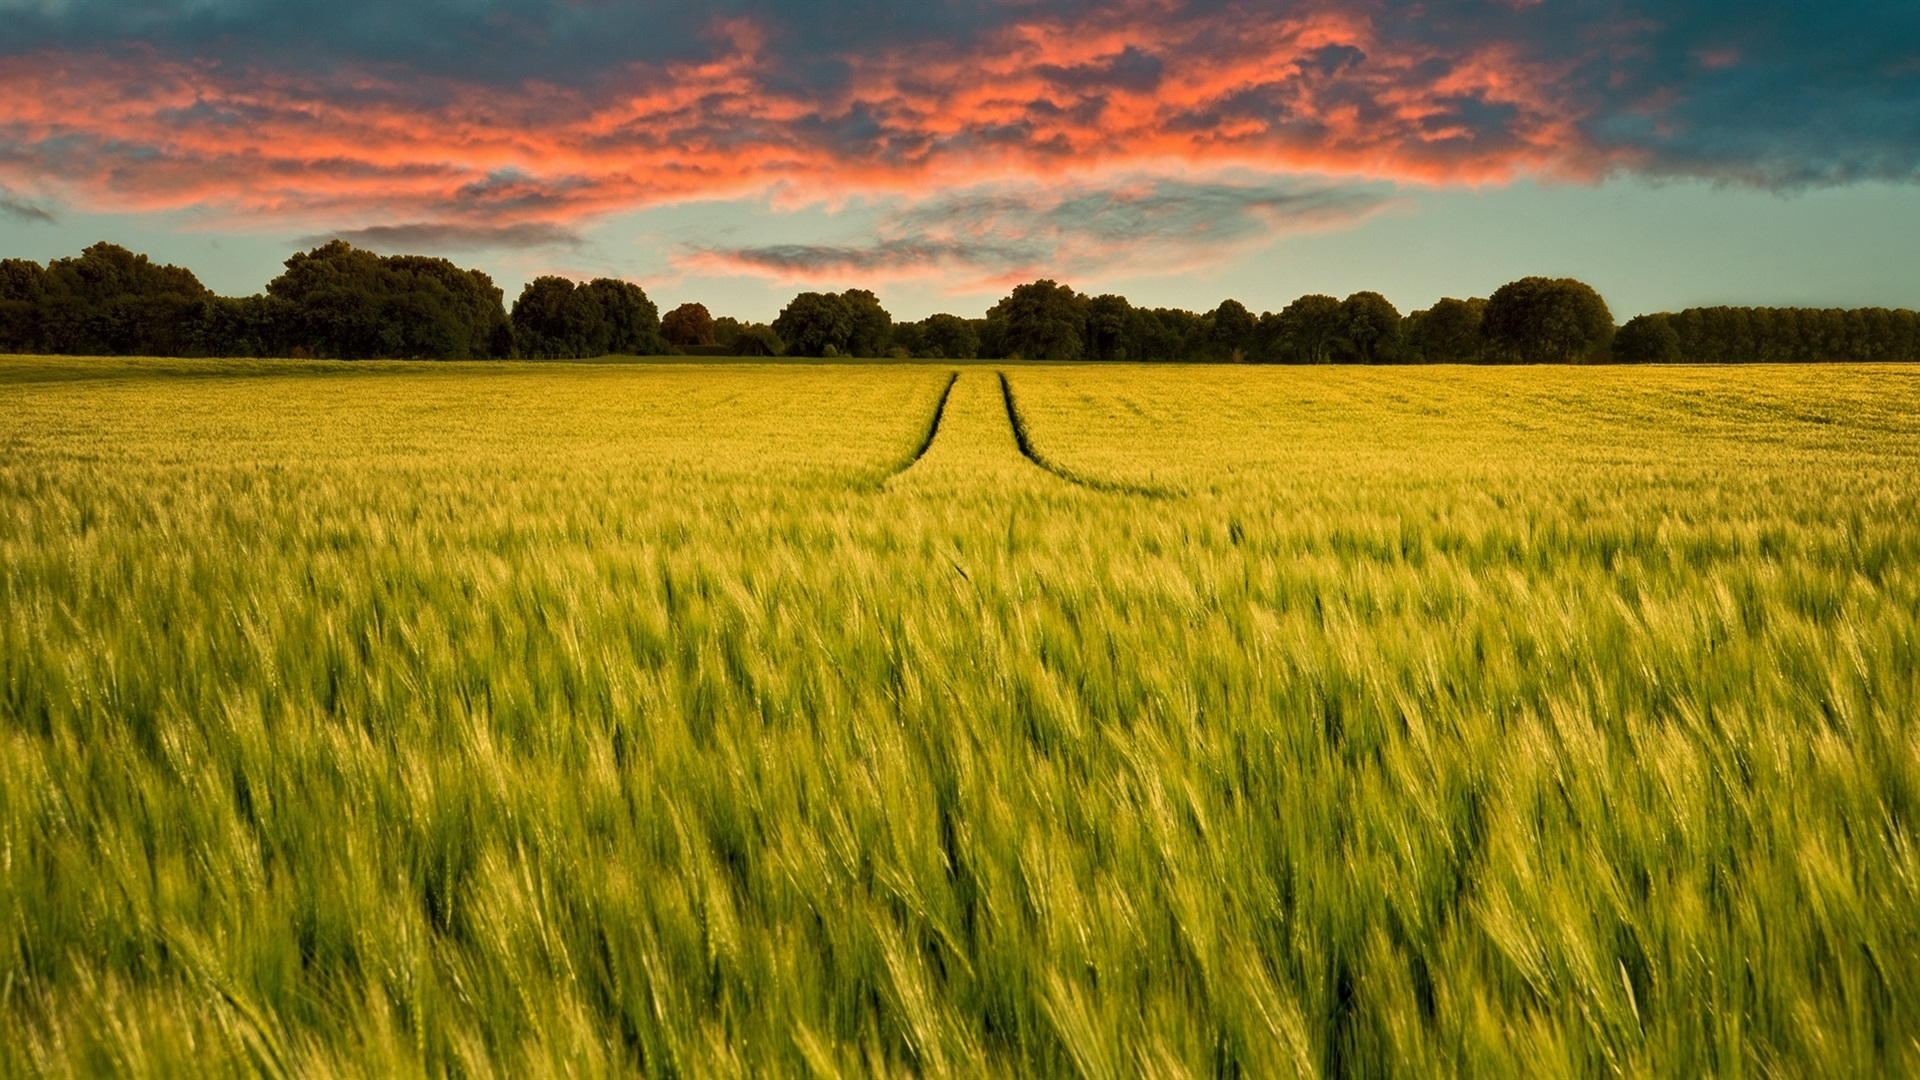 Green field rye horizon trees sunset wallpaper Nature and 1920x1080